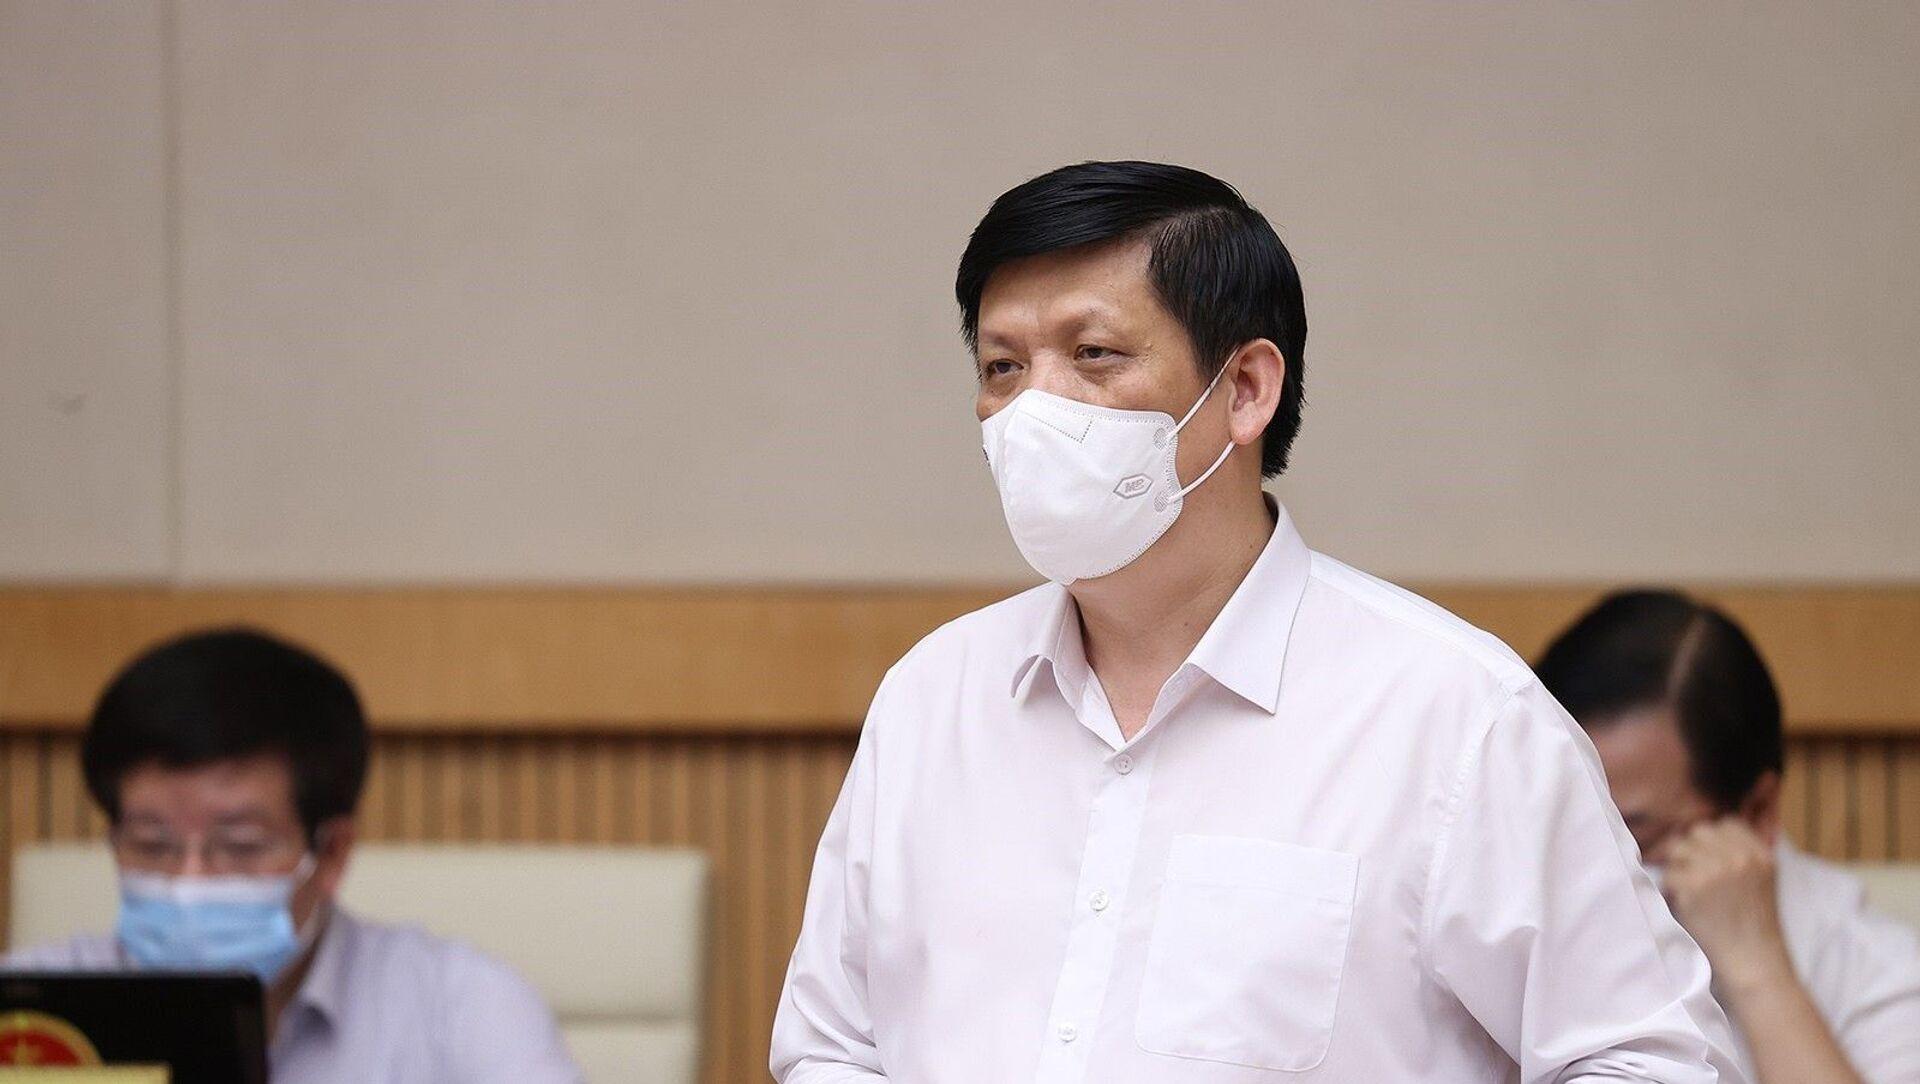 Bộ trưởng Bộ Y tế Nguyễn Thanh Long báo cáo công tác phòng, chống dịch COVID-19. - Sputnik Việt Nam, 1920, 09.06.2021